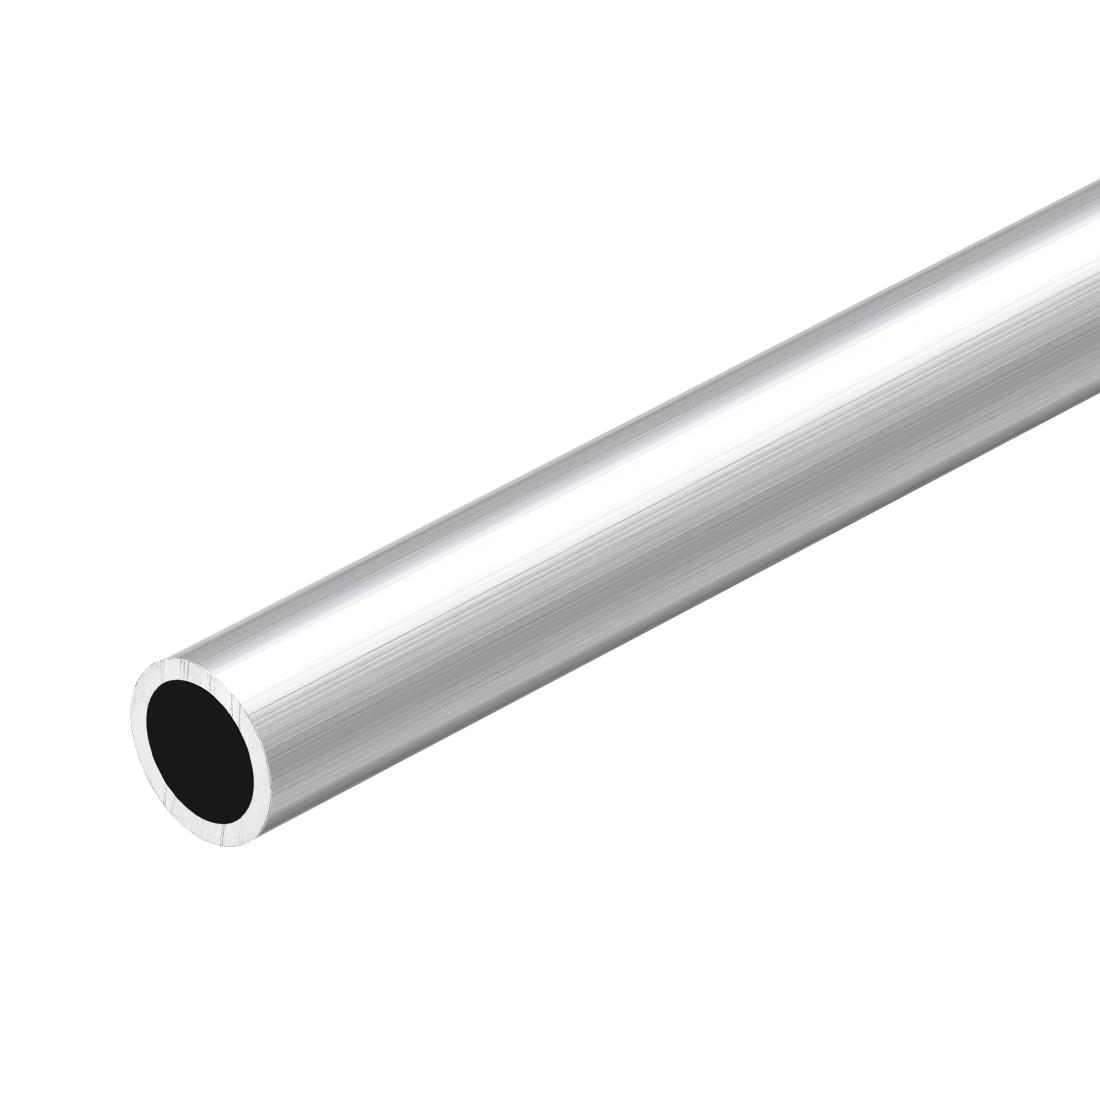 6063 Aluminum Round Tube 300mm Length 13mm OD 10mm Inner Dia Seamless Tubing